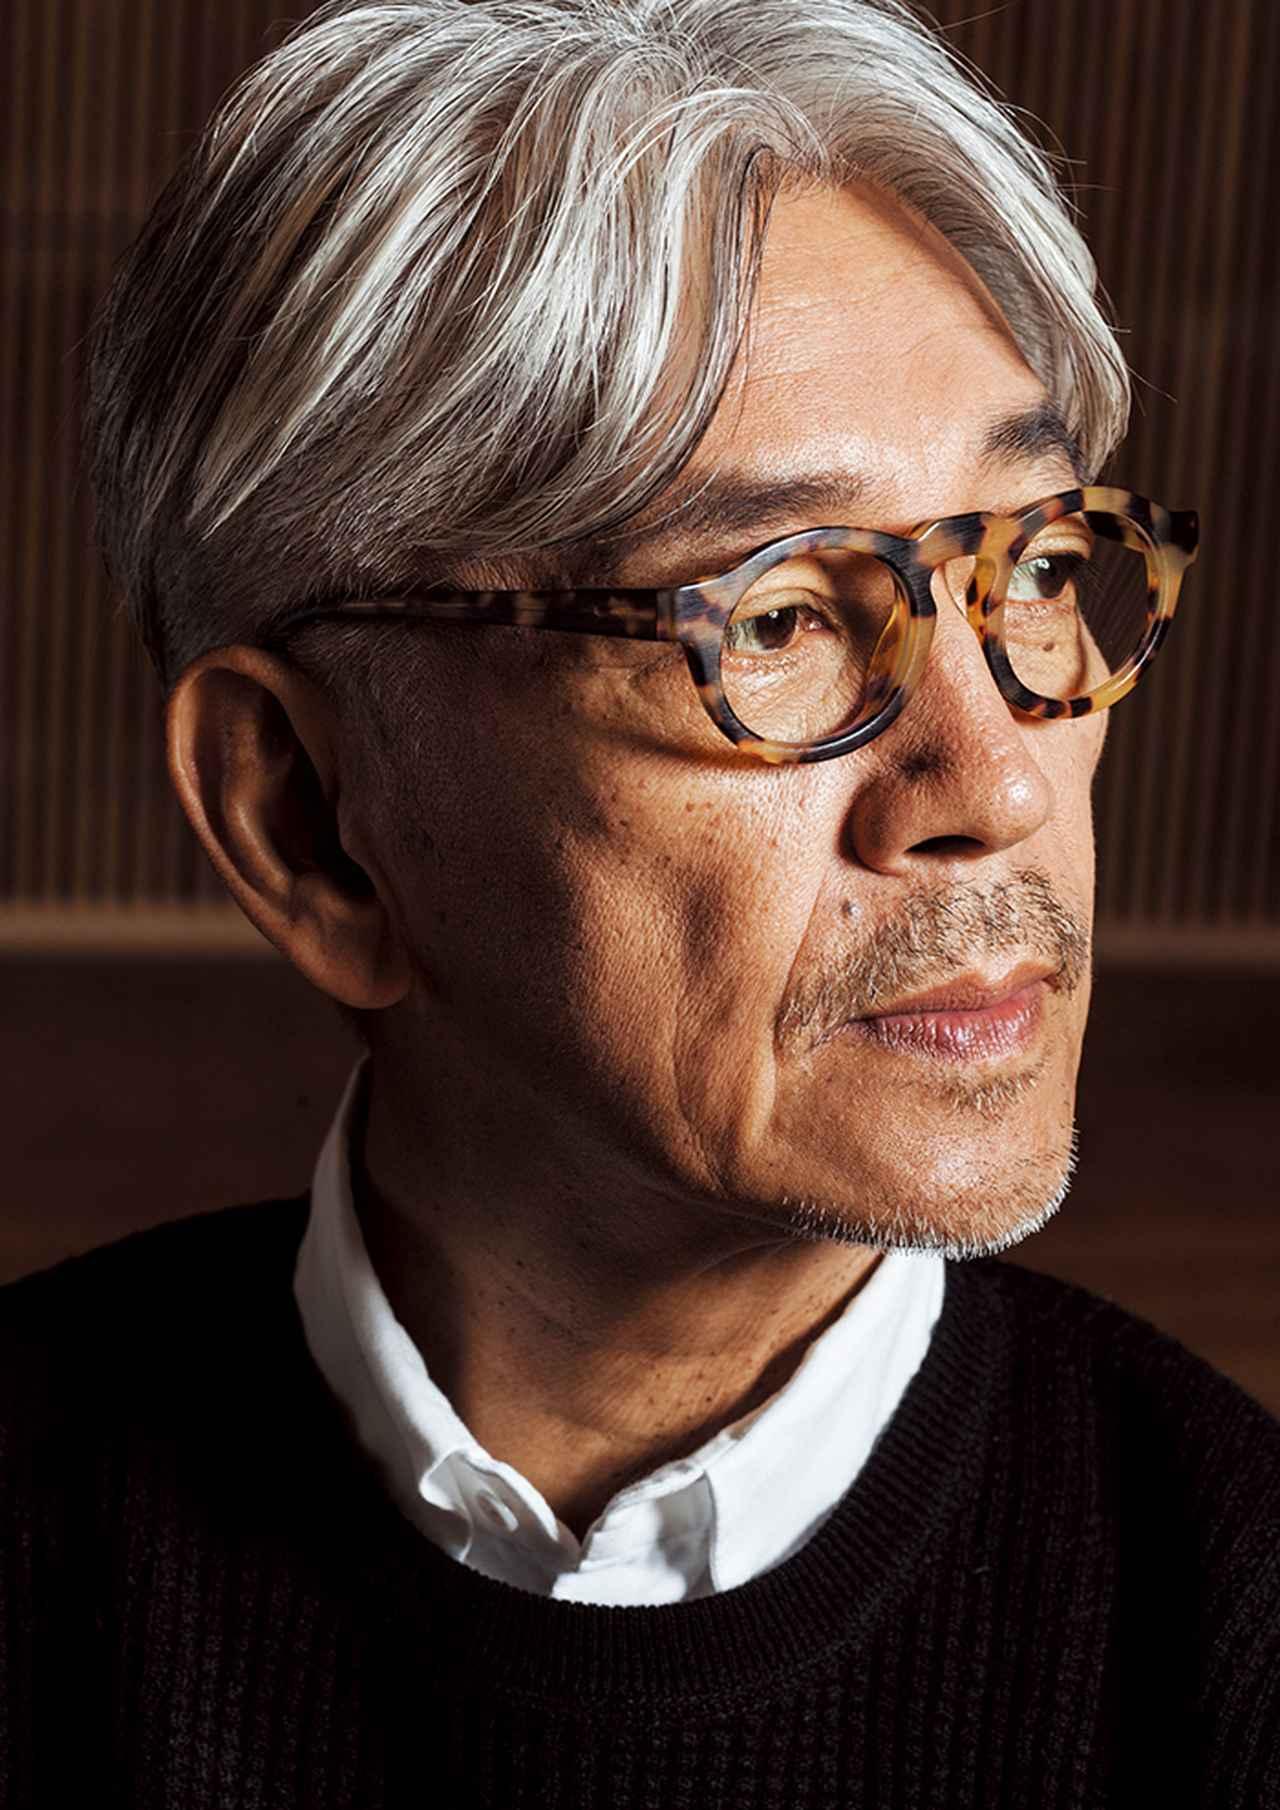 Images : 1番目の画像 - 「坂本龍一が語る、 自身が今作りたい音楽について」のアルバム - T JAPAN:The New York Times Style Magazine 公式サイト